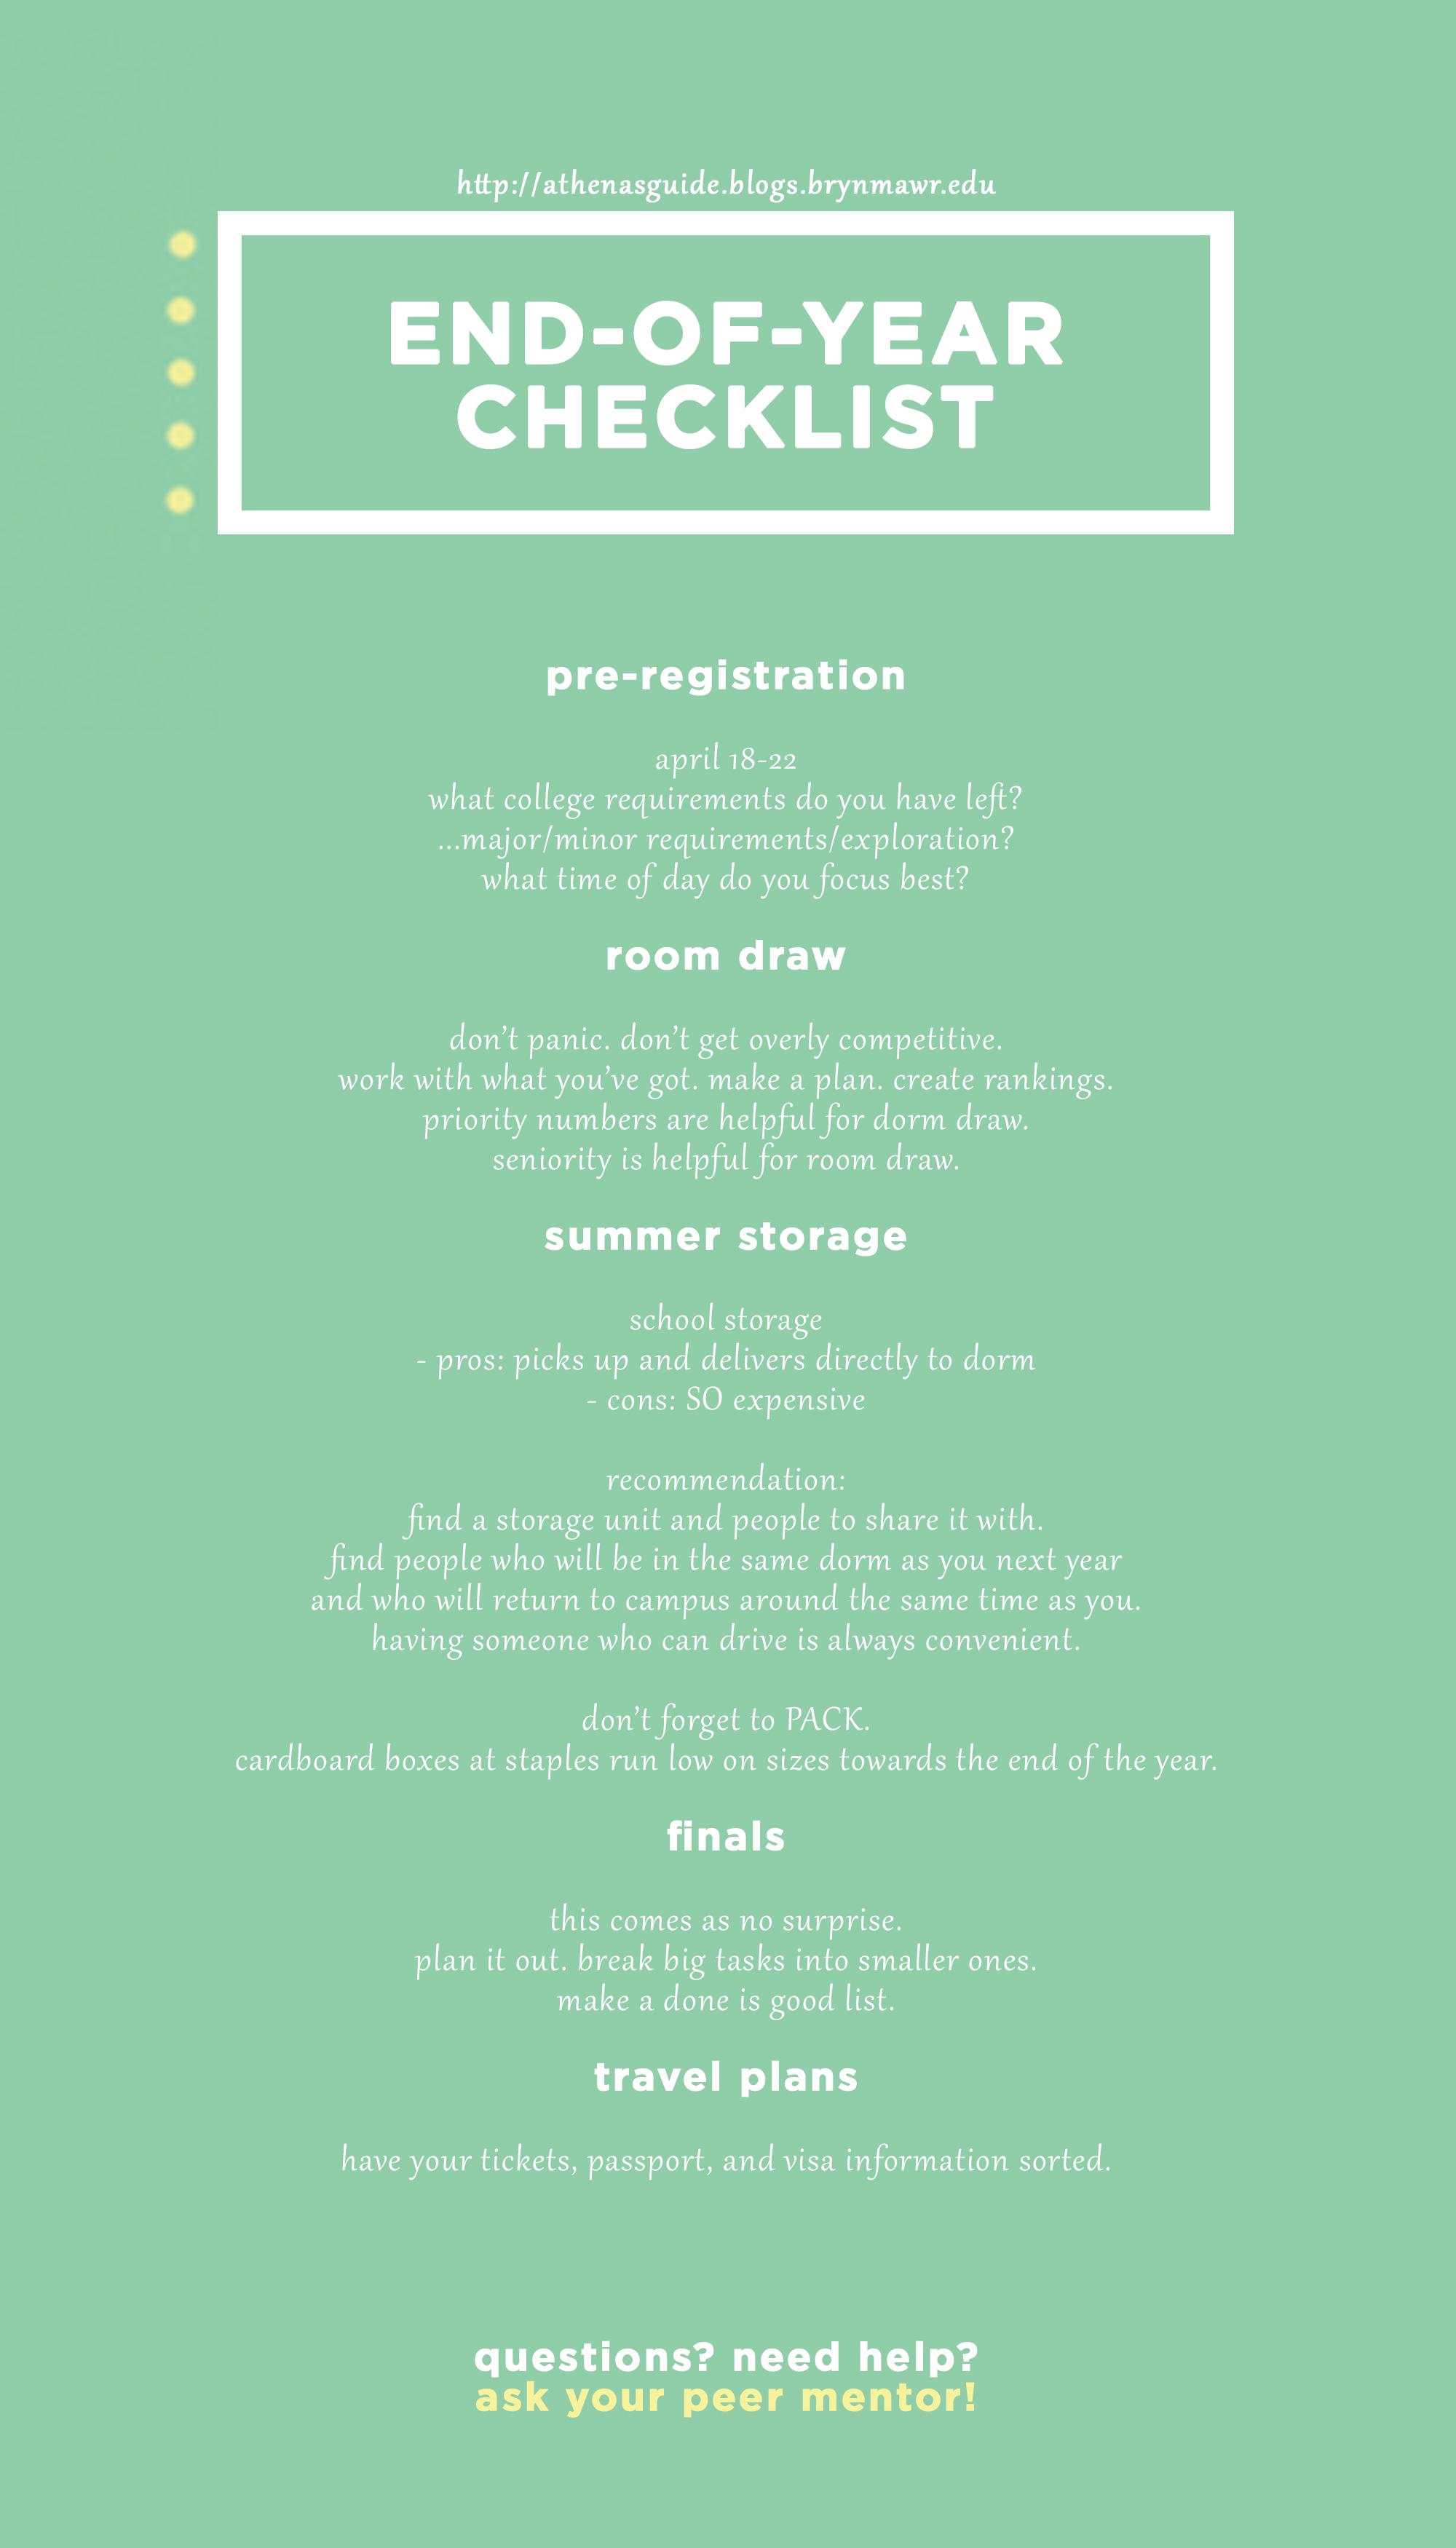 end of year checklist v2